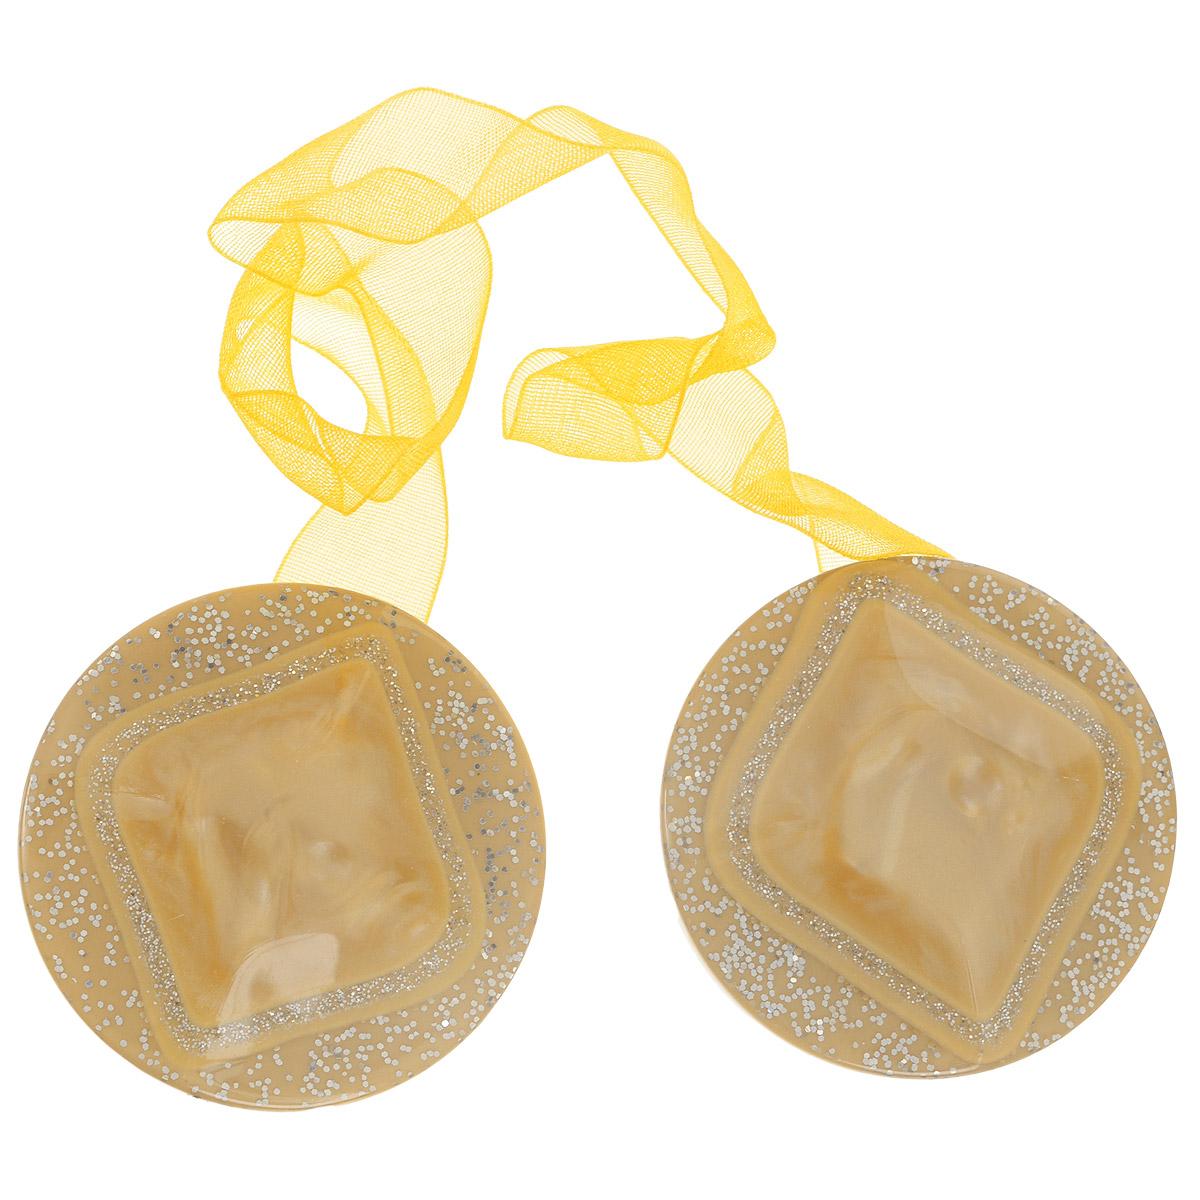 Клипса-магнит для штор Calamita Fiore, цвет: песочный. 7704019_7057704019_705Клипса-магнит Calamita Fiore, изготовленная из пластика и текстиля, предназначена для придания формы шторам. Изделие, декорированное блестками, представляет собой два магнита круглой формы, расположенные на разных концах текстильной ленты. С помощью такой магнитной клипсы можно зафиксировать портьеры, придать им требуемое положение, сделать складки симметричными или приблизить портьеры, скрепить их. Клипсы для штор являются универсальным изделием, которое превосходно подойдет как для штор в детской комнате, так и для штор в гостиной. Следует отметить, что клипсы для штор выполняют не только практическую функцию, но также являются одной из основных деталей декора этого изделия, которая придает шторам восхитительный, стильный внешний вид. Материал: пластик, магнит, полиэстер. Диаметр клипсы: 4 см. Длина ленты: 28 см.